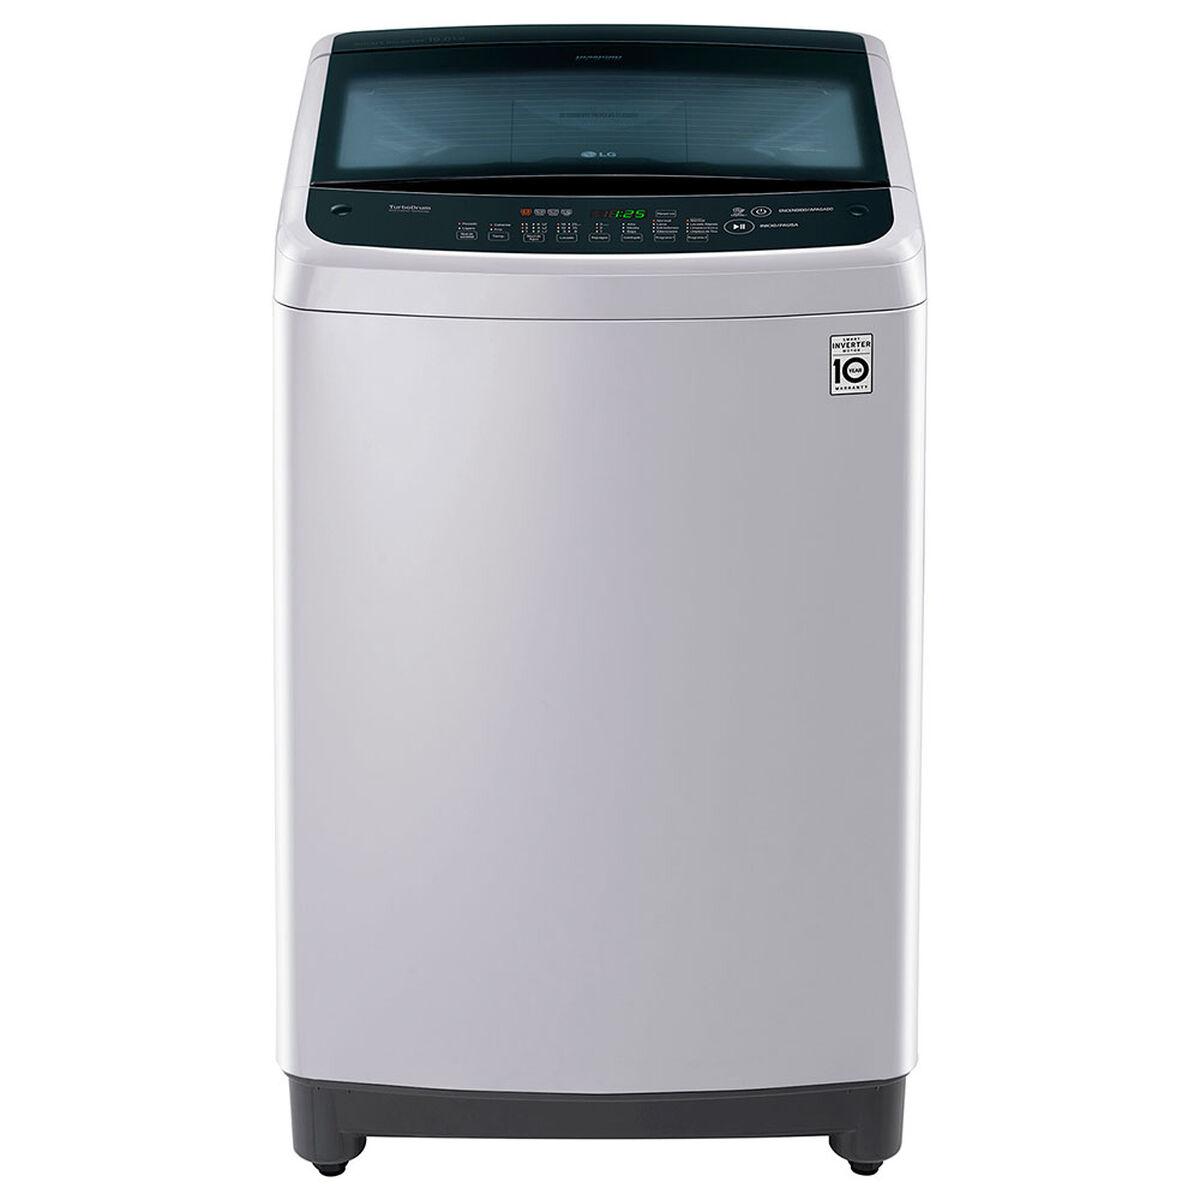 Lavadora Automática LG WT19DSBP 19 kg